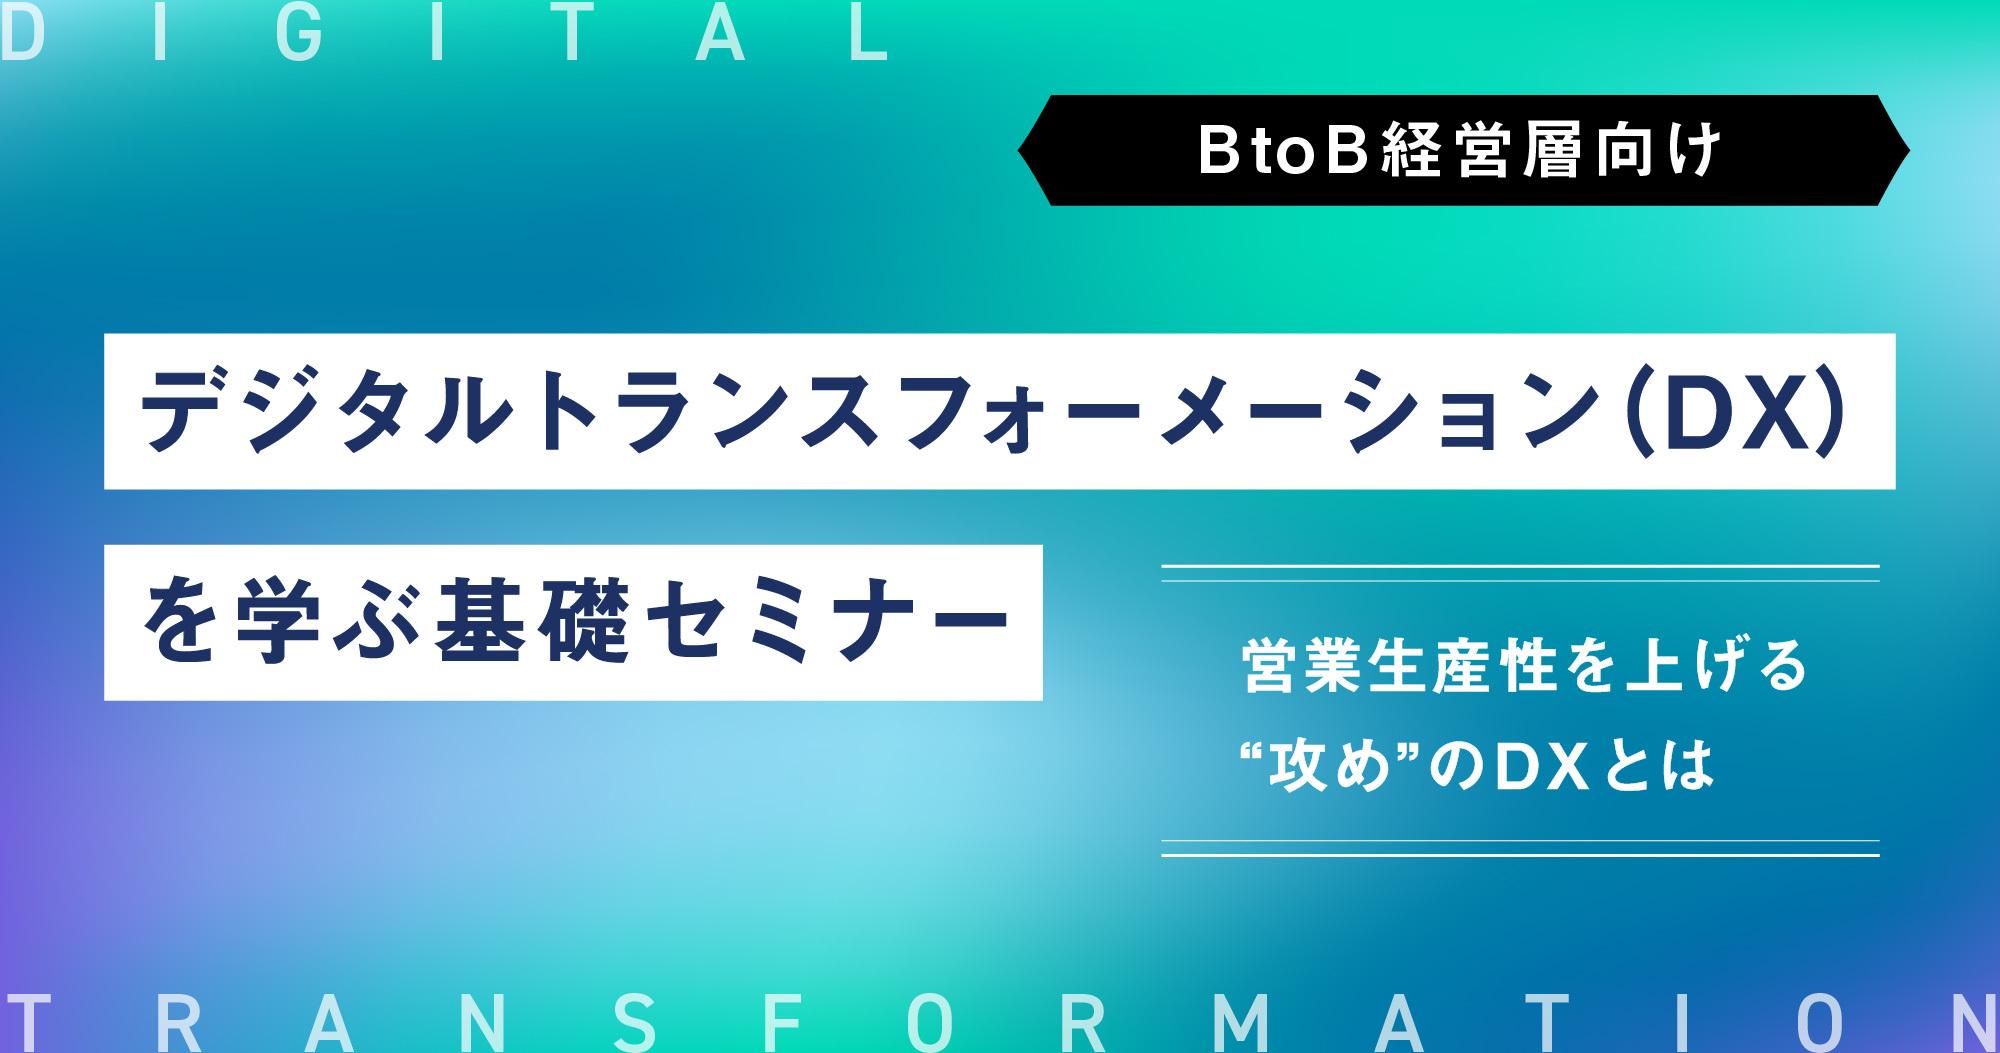 """【11月10日(火)】デジタルトランスフォーメーション(DX)を学ぶ基礎セミナー 営業生産性を上げる""""攻め""""のDXとは"""